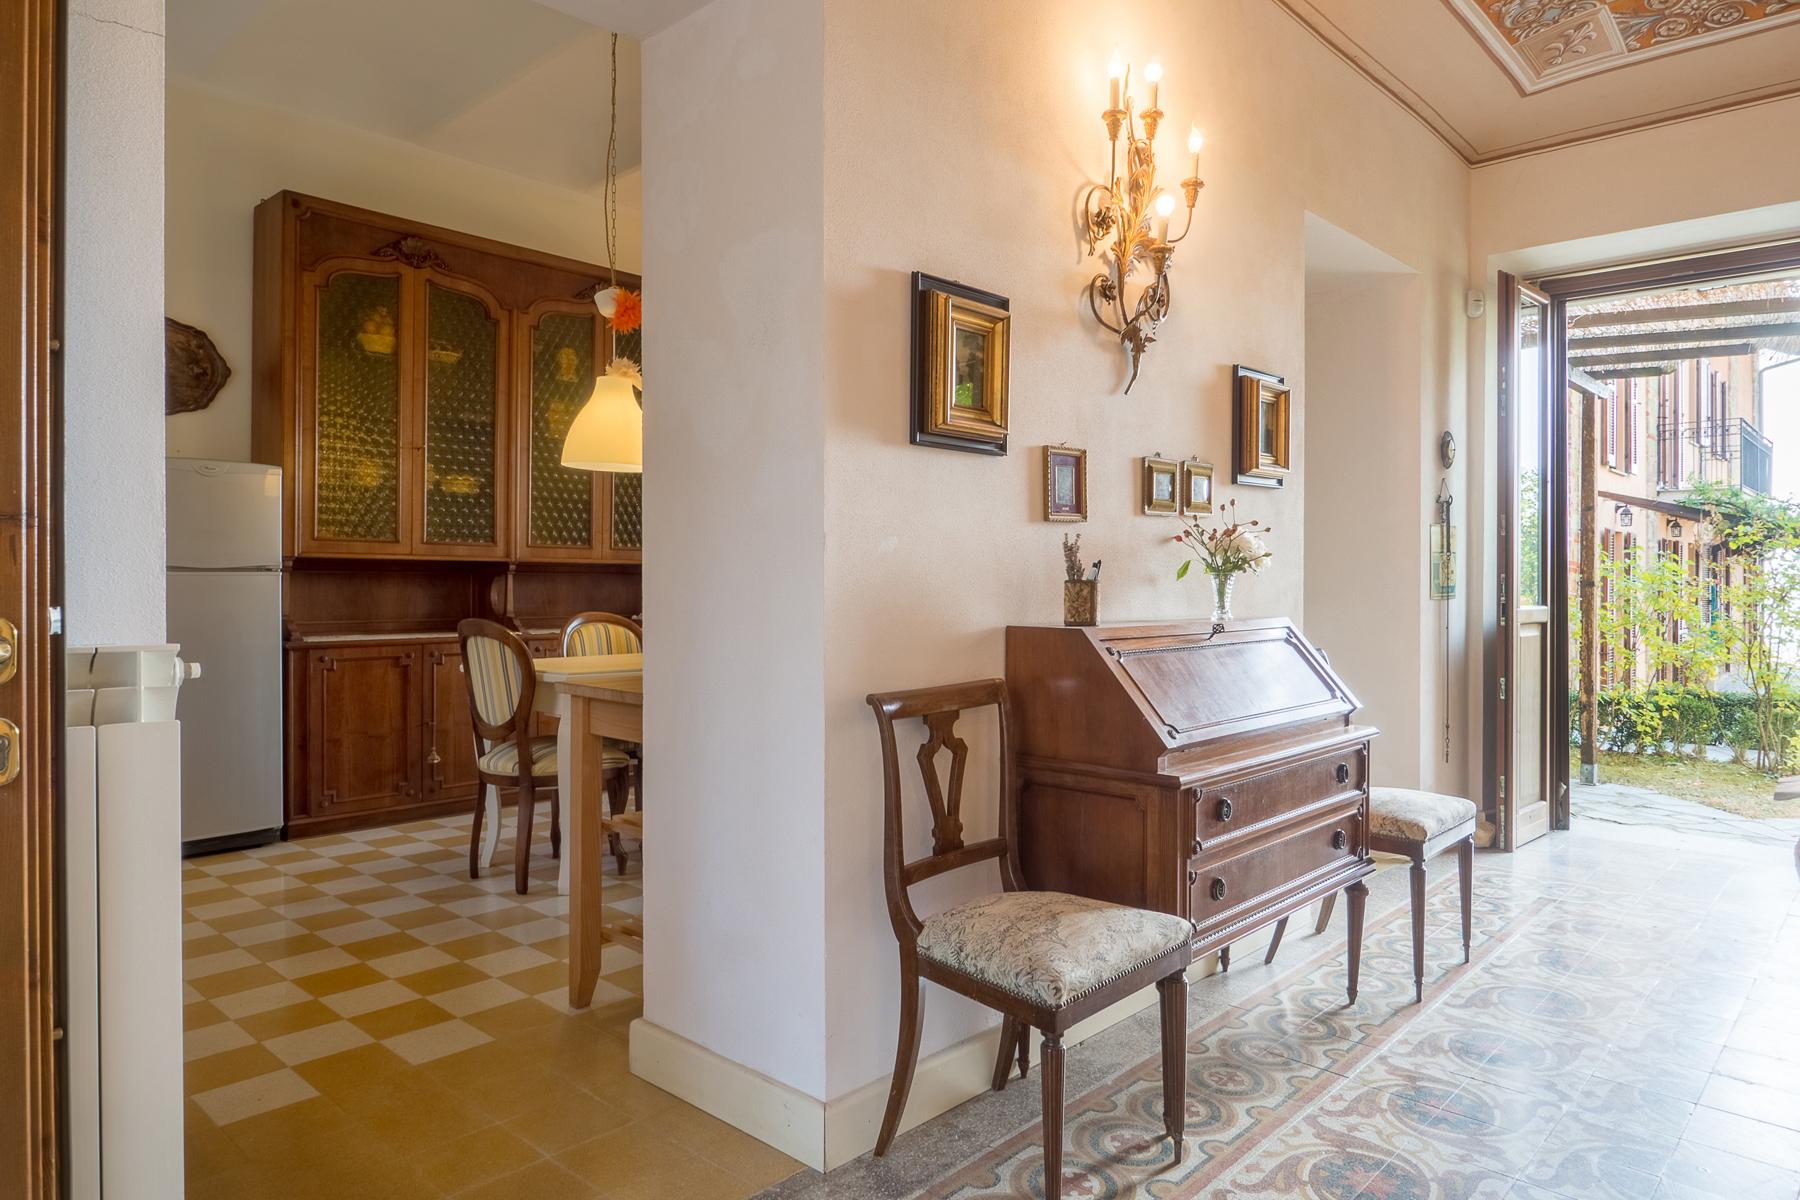 Appartamento in Vendita a Vignale Monferrato: 5 locali, 140 mq - Foto 7